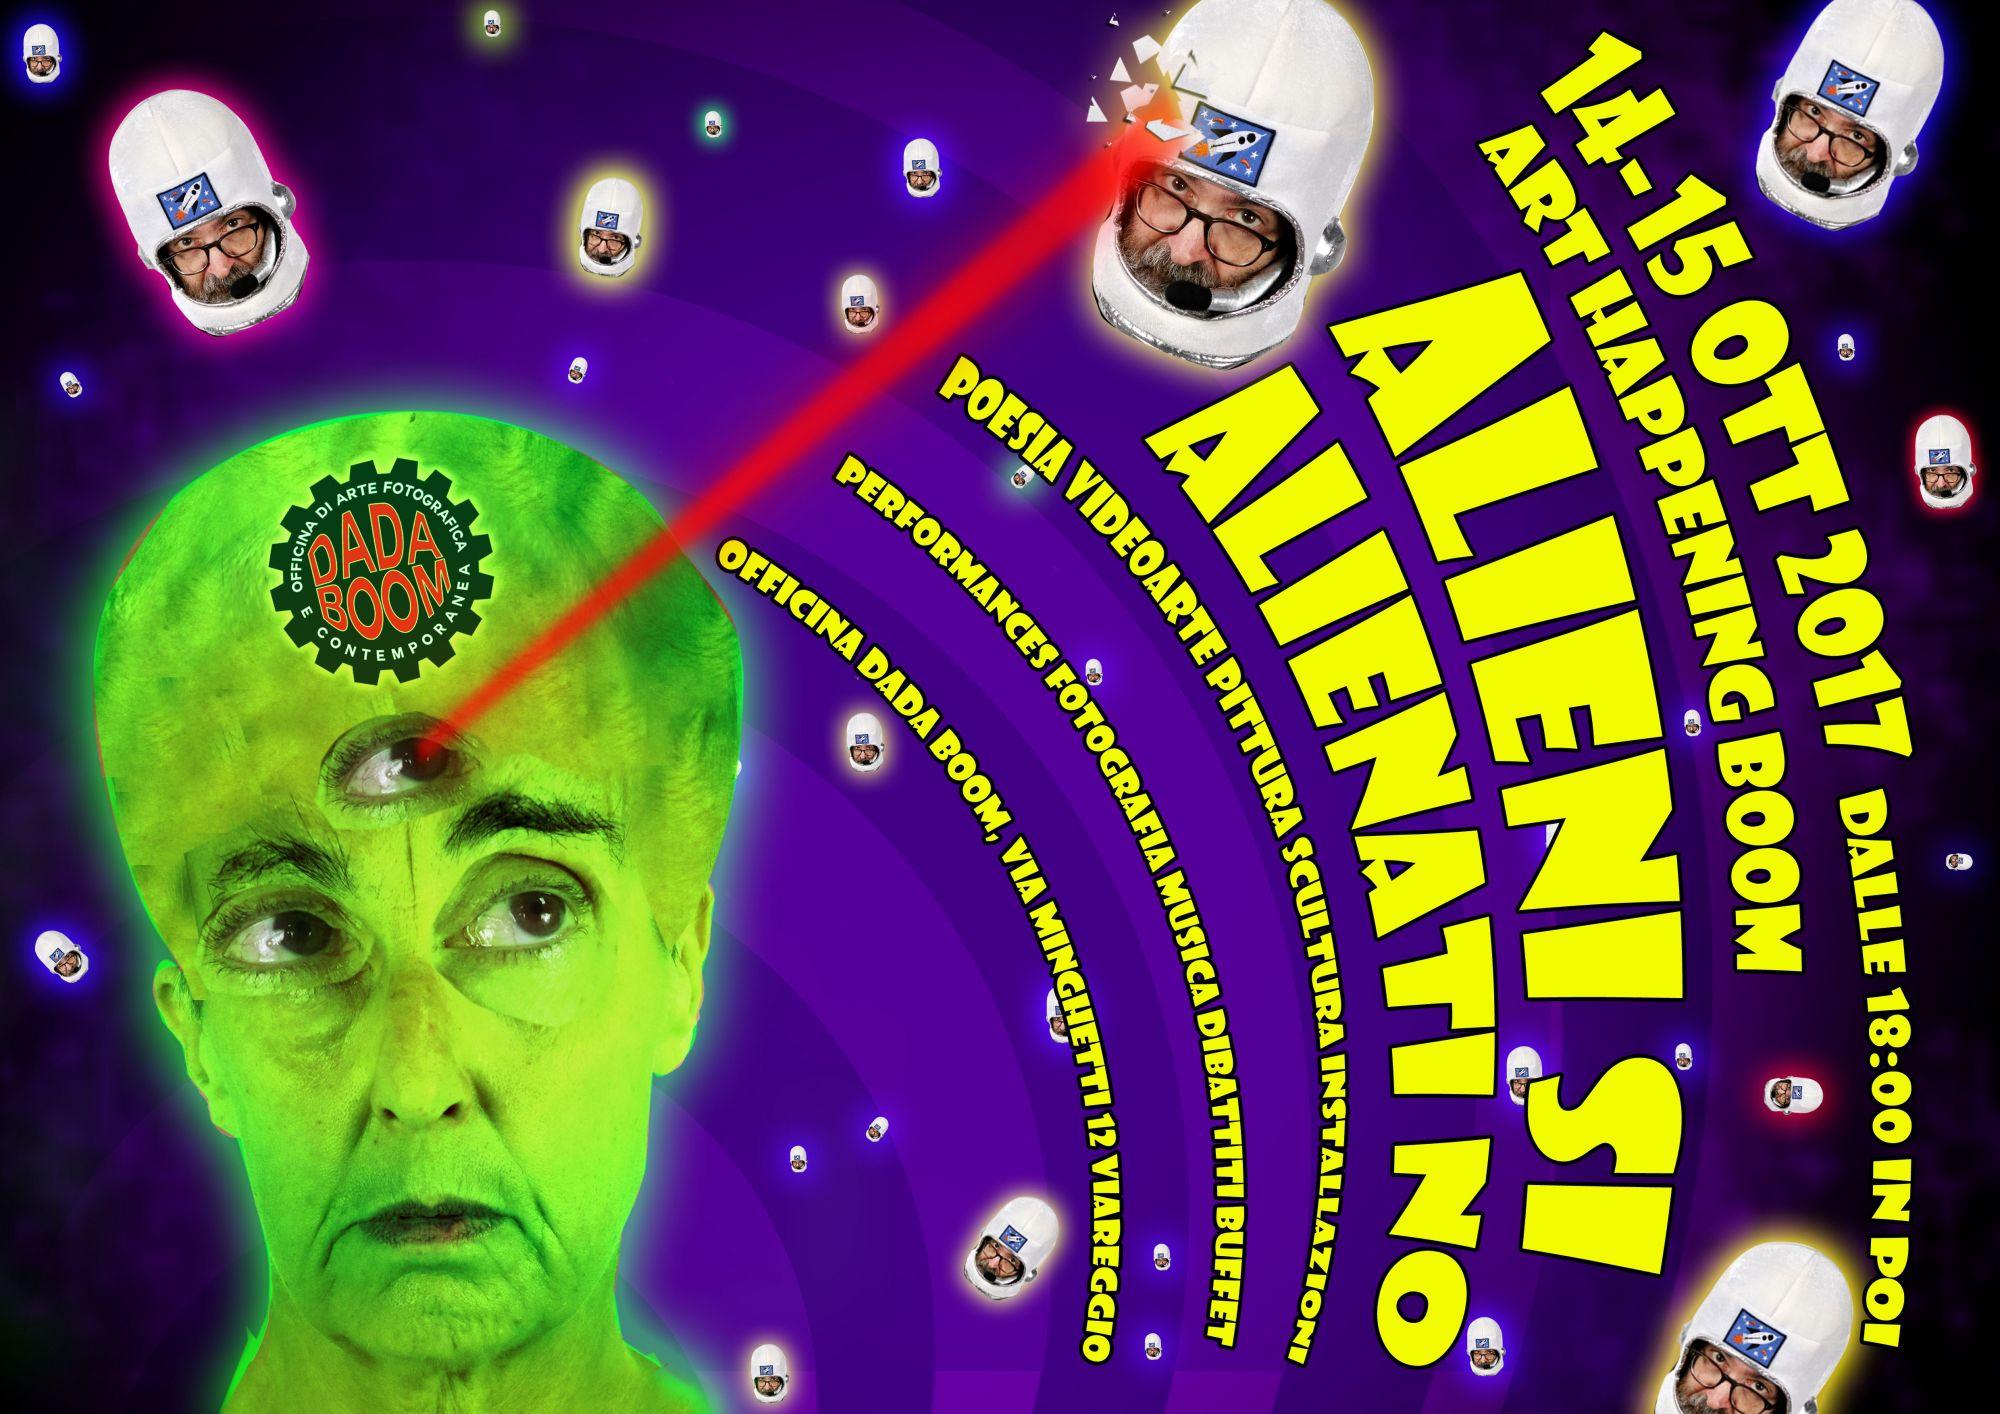 """""""Alieni si Alienati no!"""" all'Officina Dada Boom"""